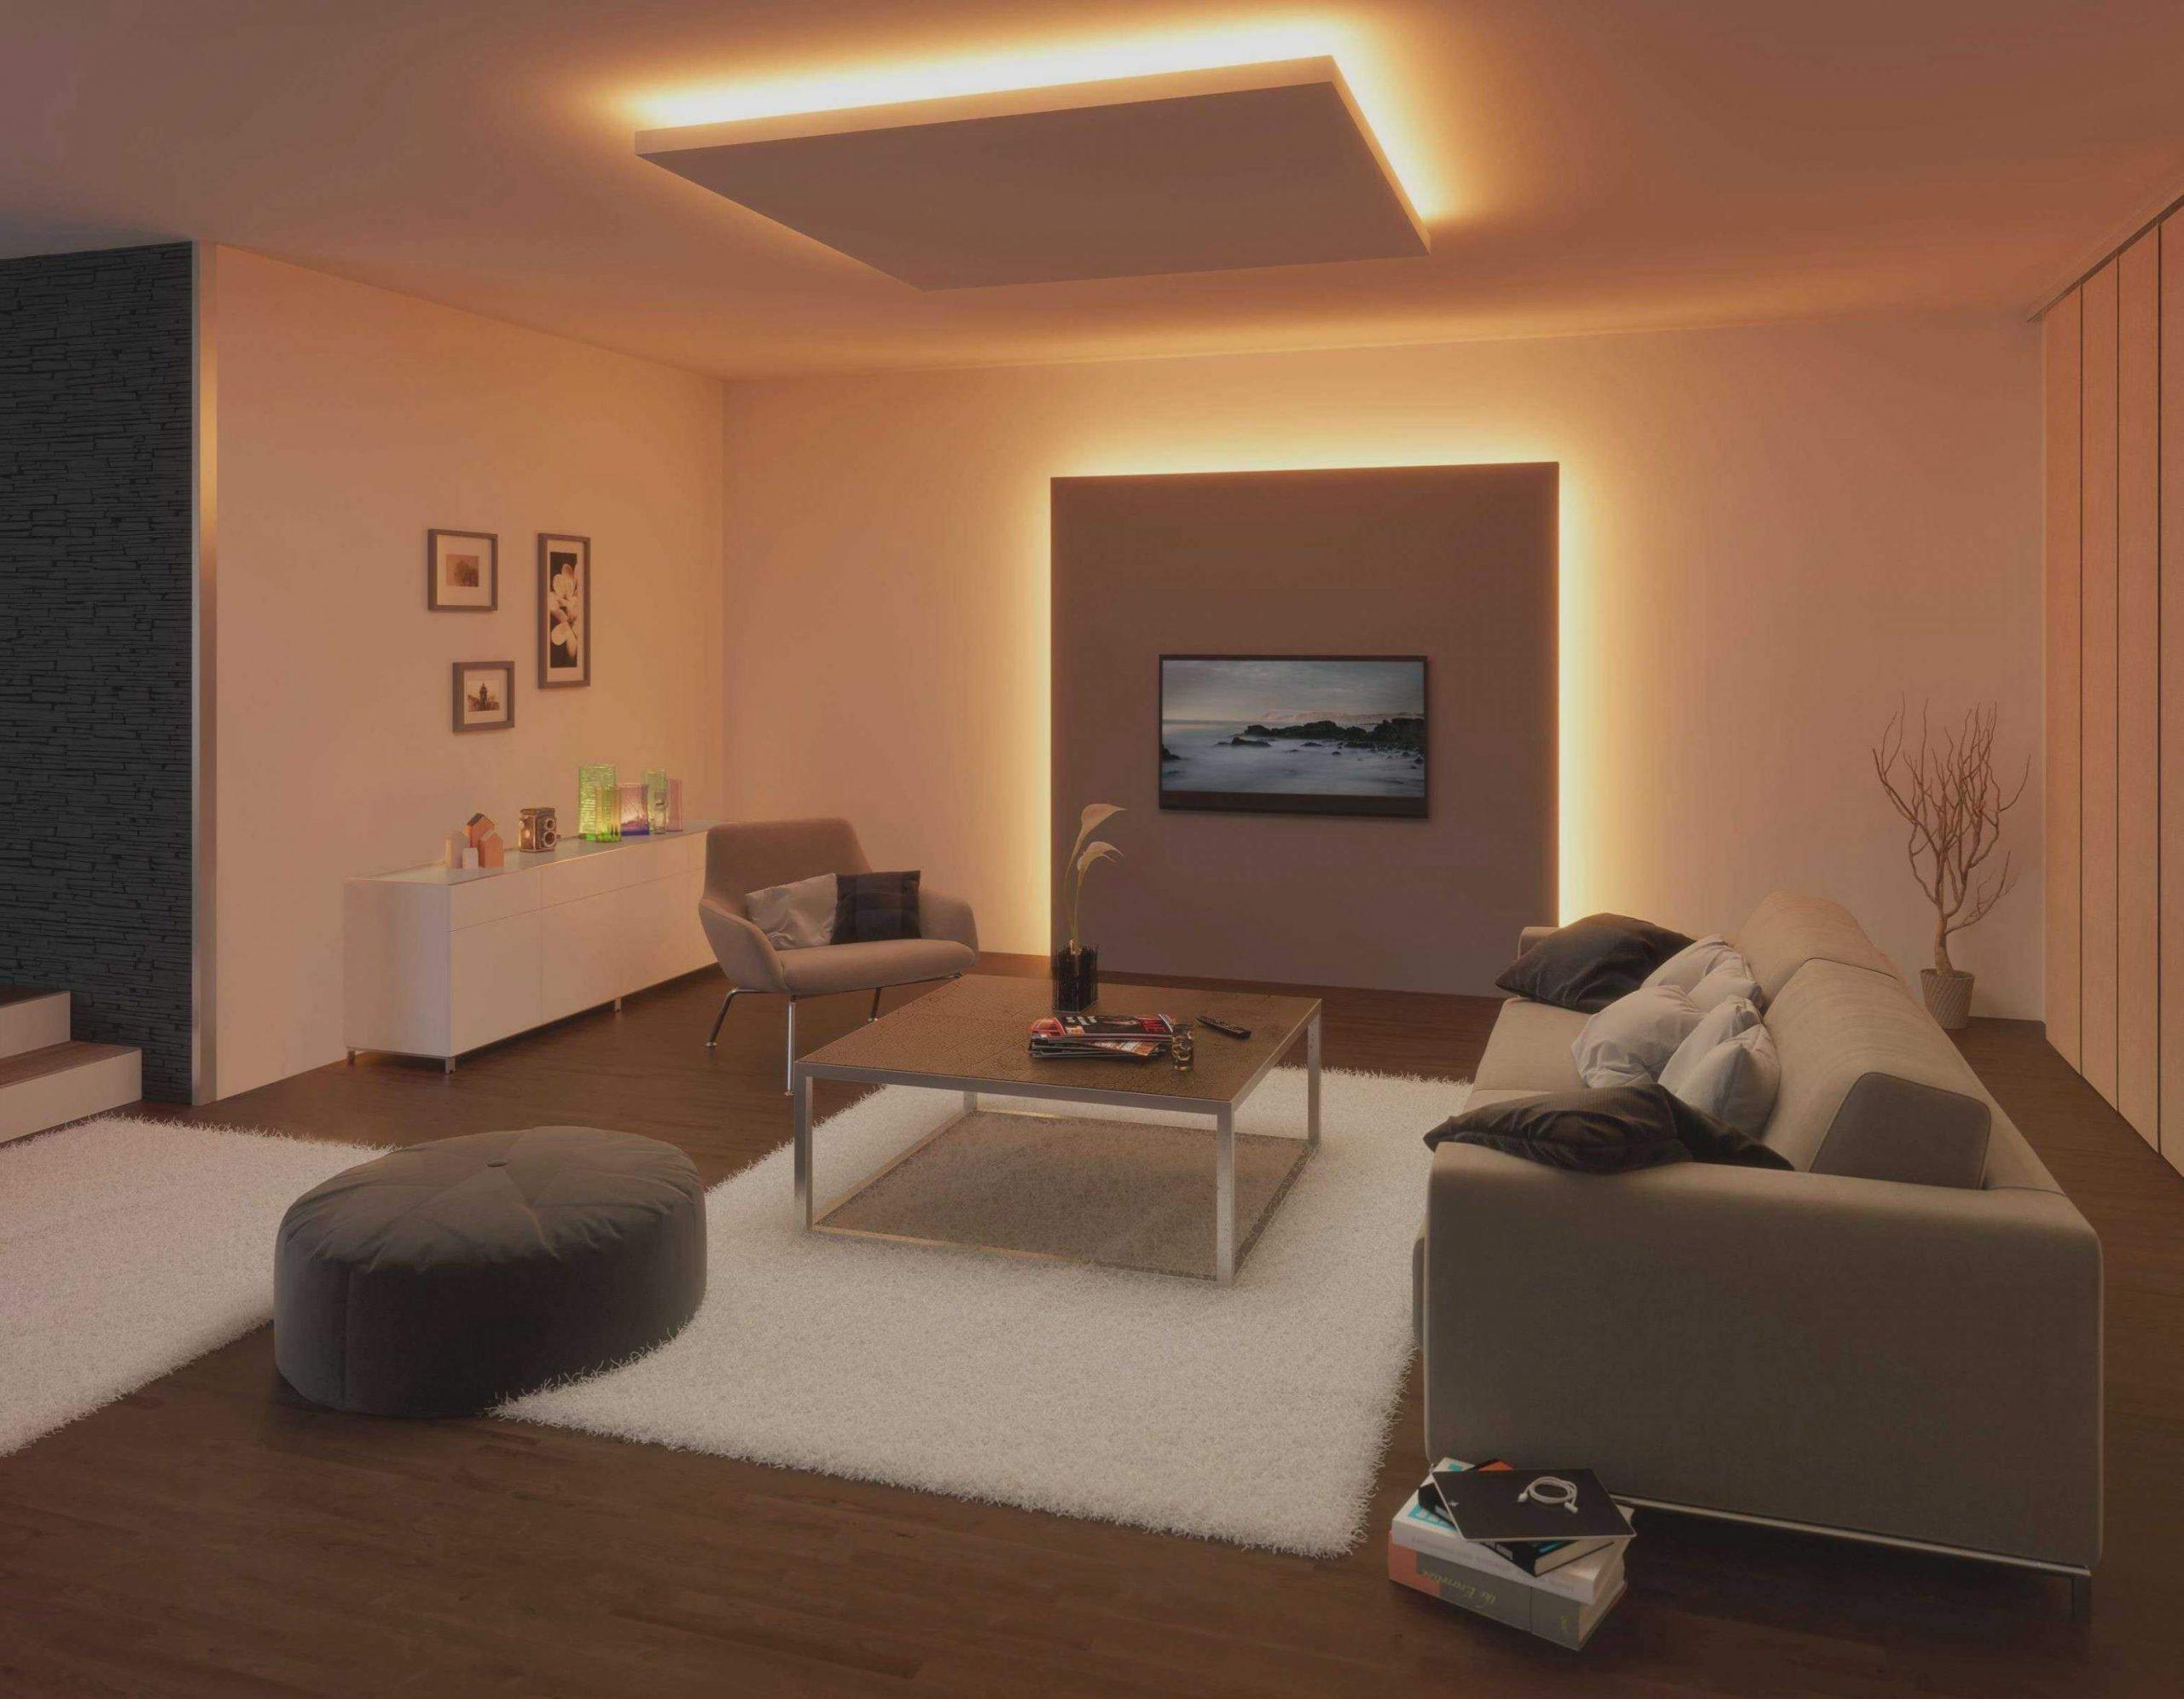 Full Size of Wohnzimmer Decken Gestalten Das Beste Von Decke Wohnzimmer Gestalten Wohnzimmer Wohnzimmer Decken